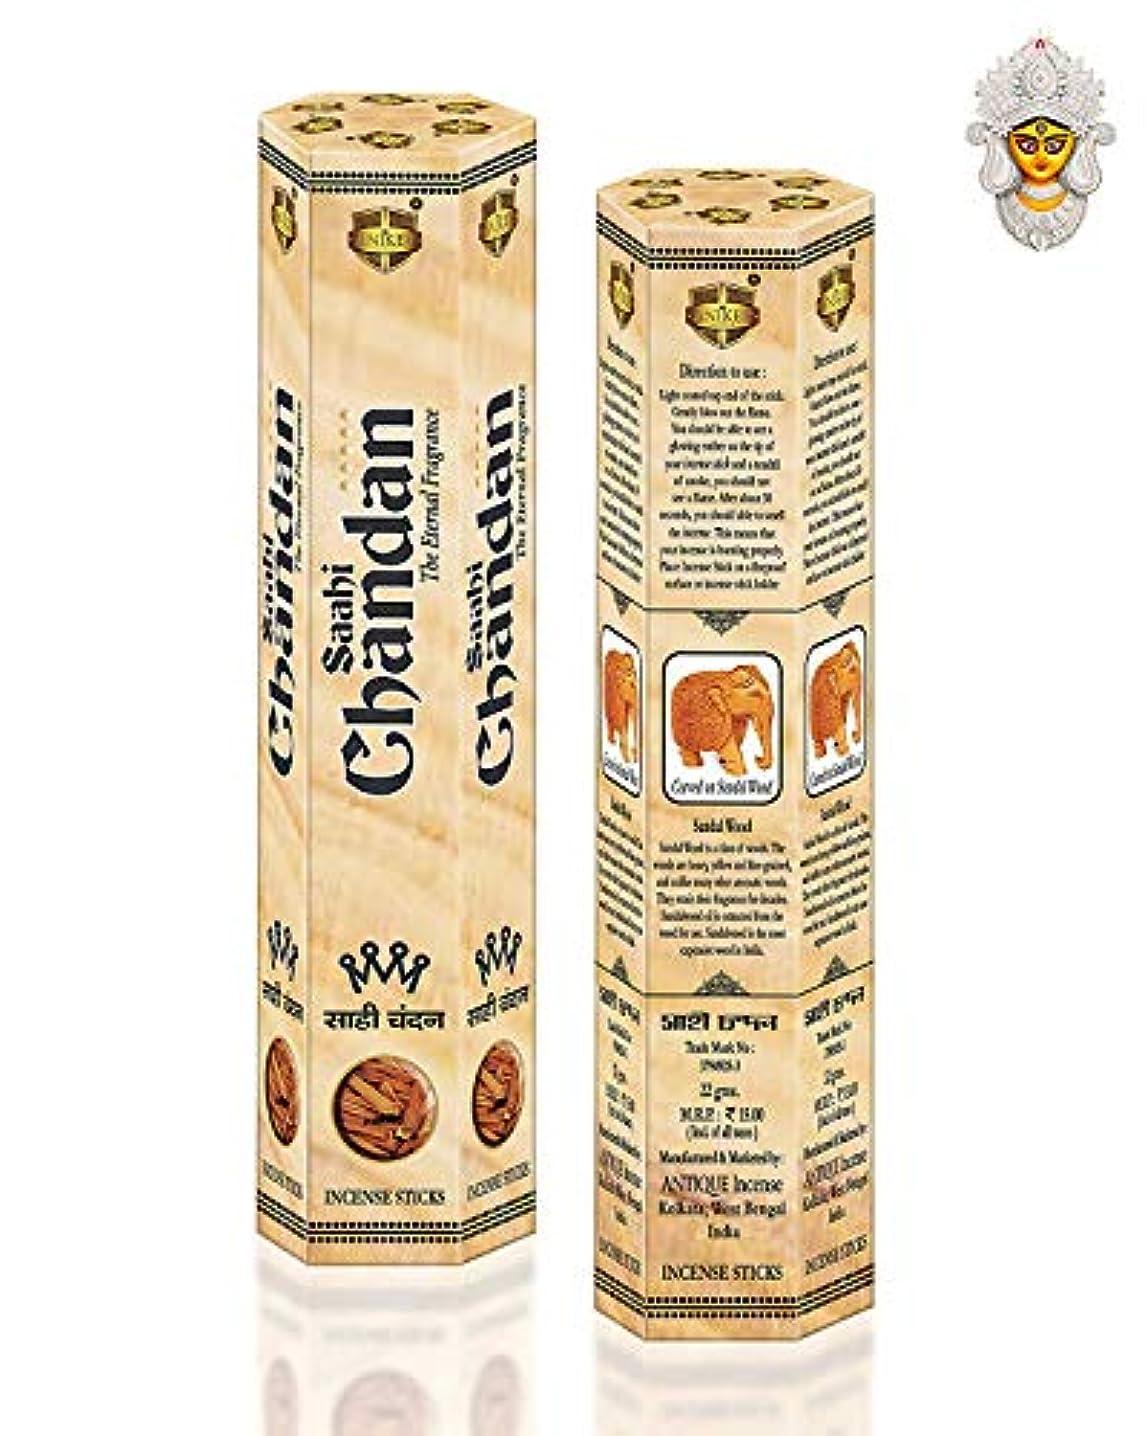 ビーチキャラクターコックSAAHI CHANDAN Precious Sandal Wood Fragrance Agarbatti (Moisture Proof Pack of 12)